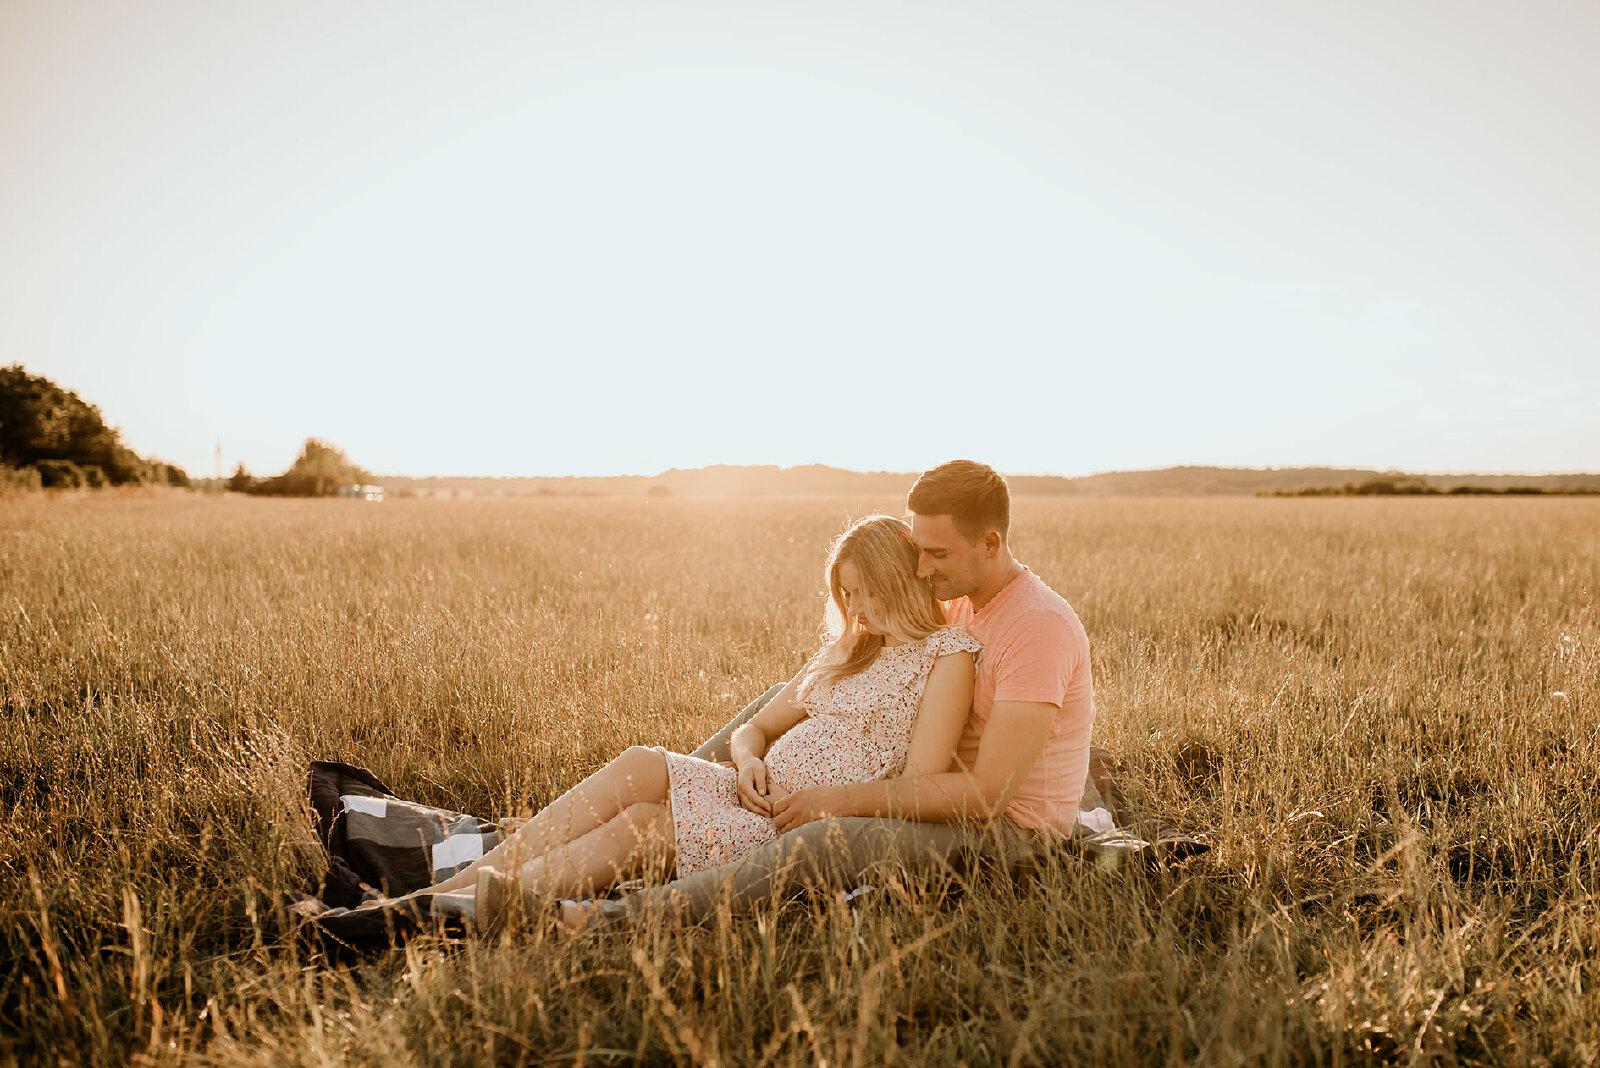 zwangerschapsfotografie buiten met partner in grasveld